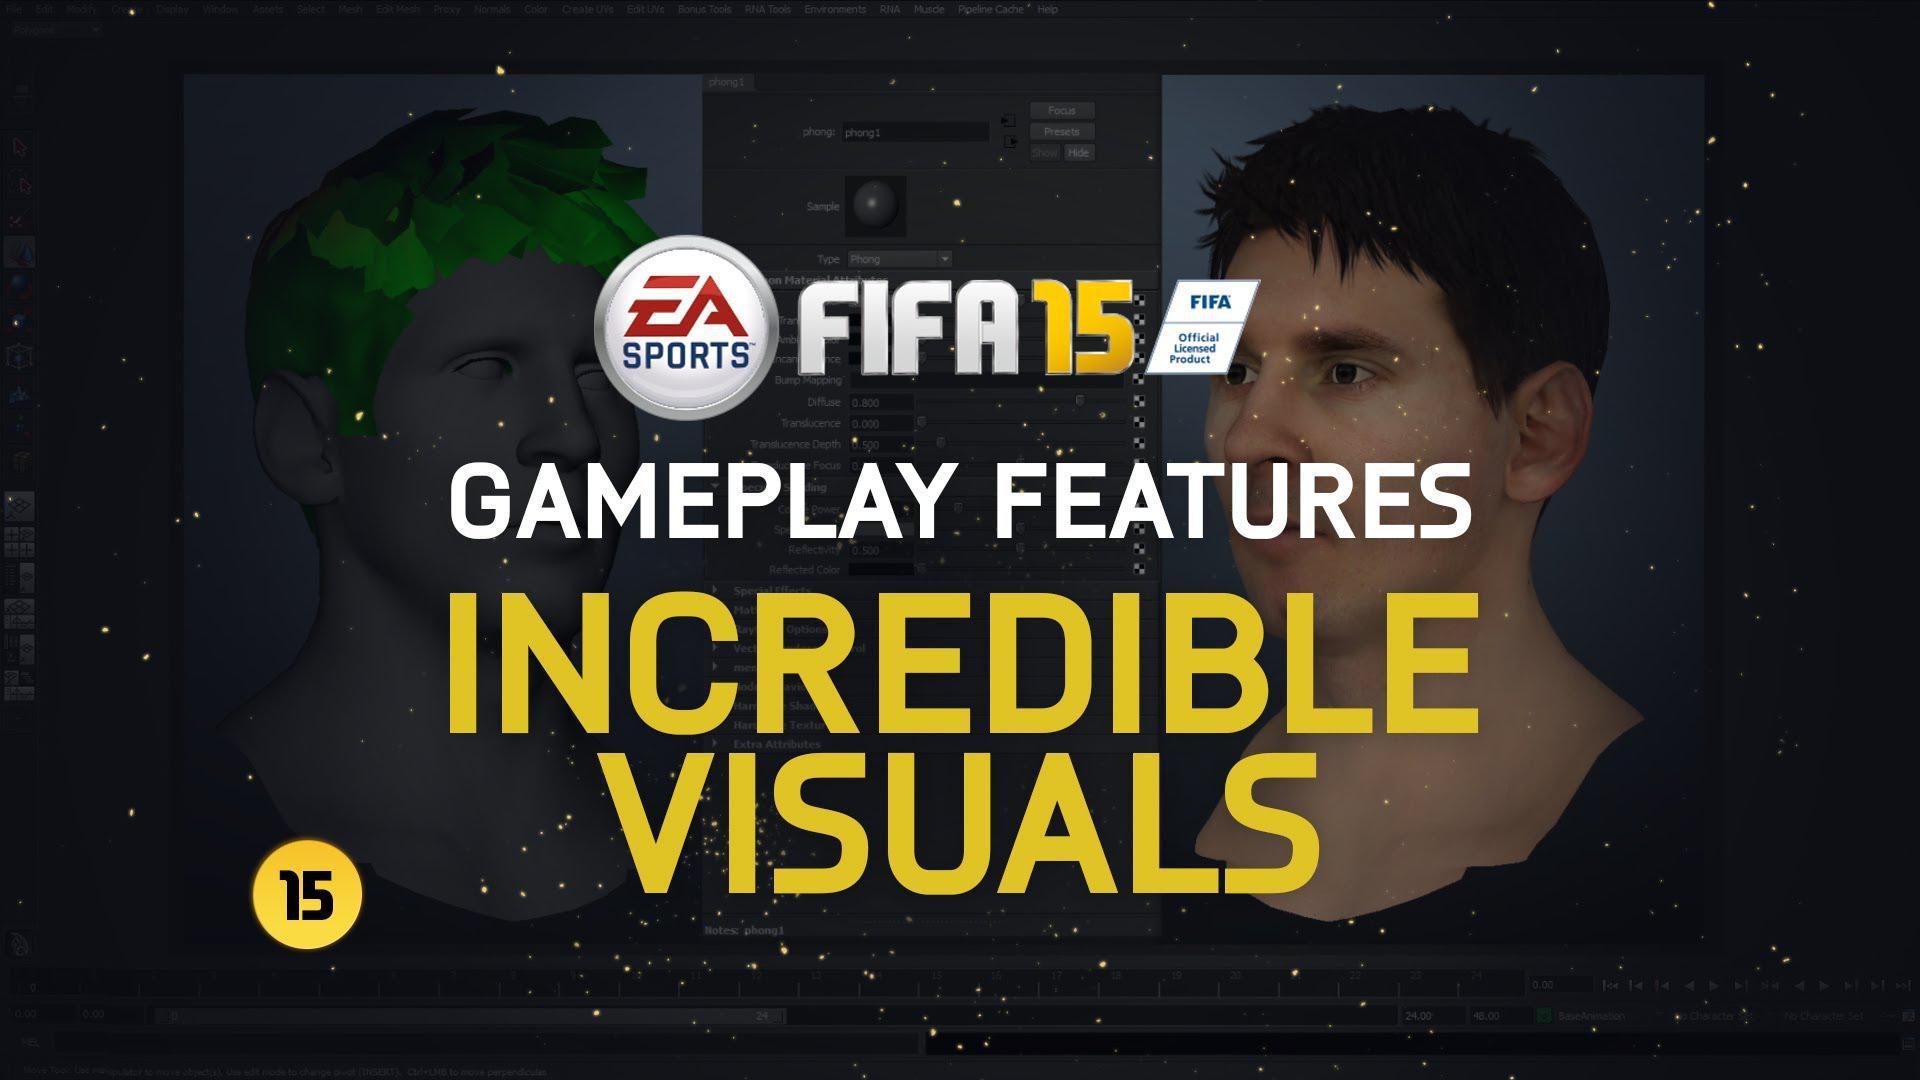 FIFA 15 primește gameplay ce prezintă caracteristicile vizuale